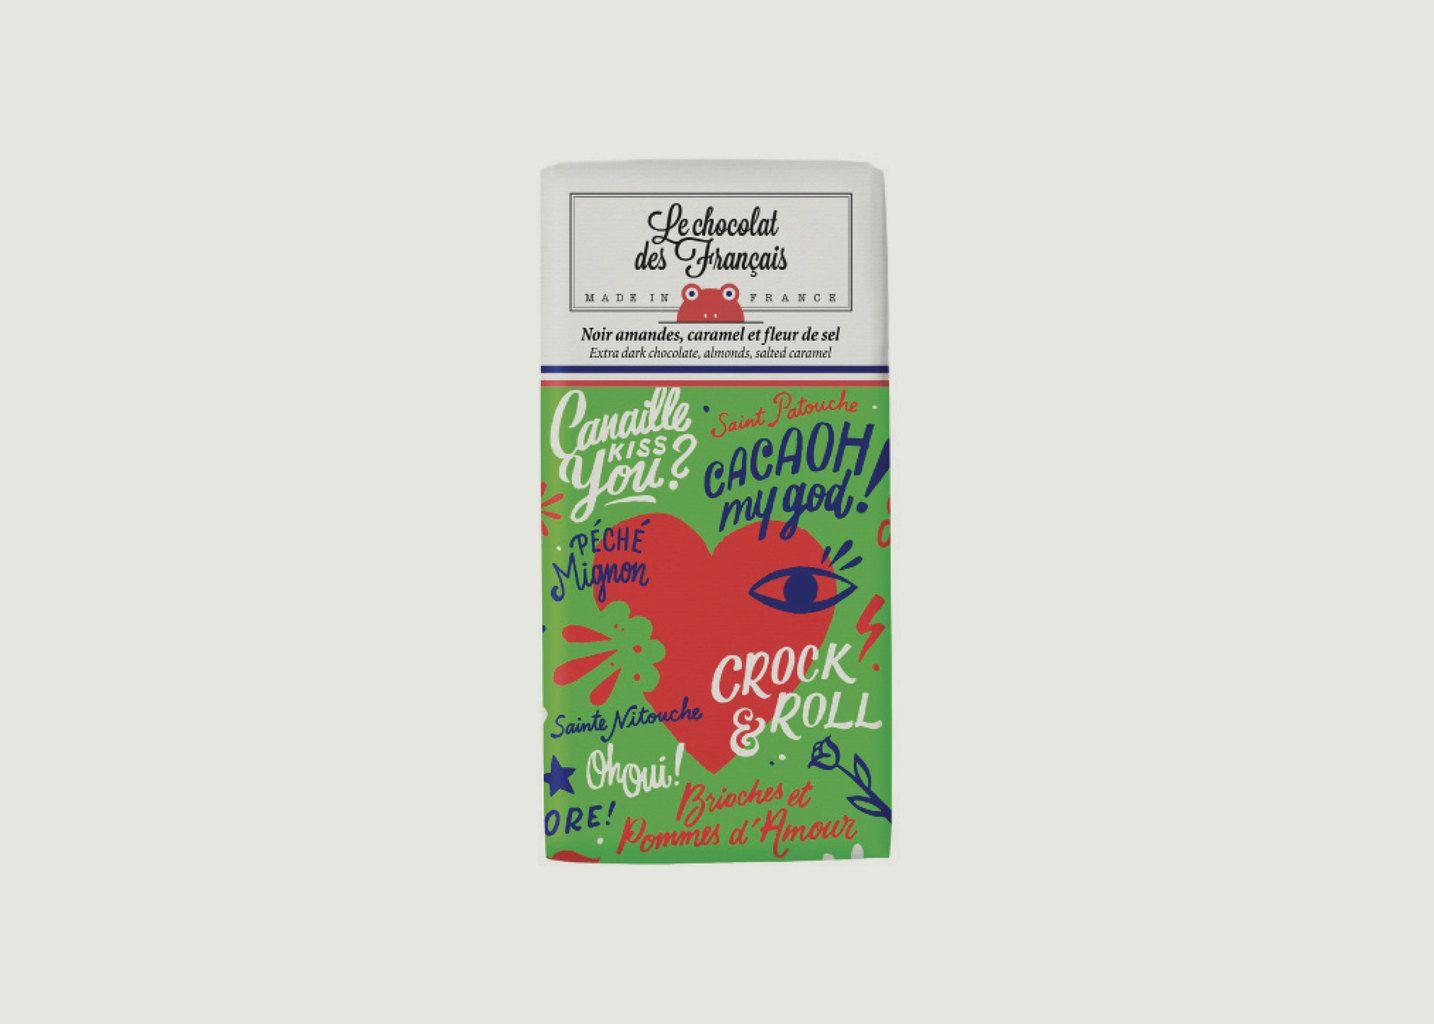 Tablette Chocolat Noir Amandes Caramel Salé Bio Le Coeur - Le Chocolat des Français